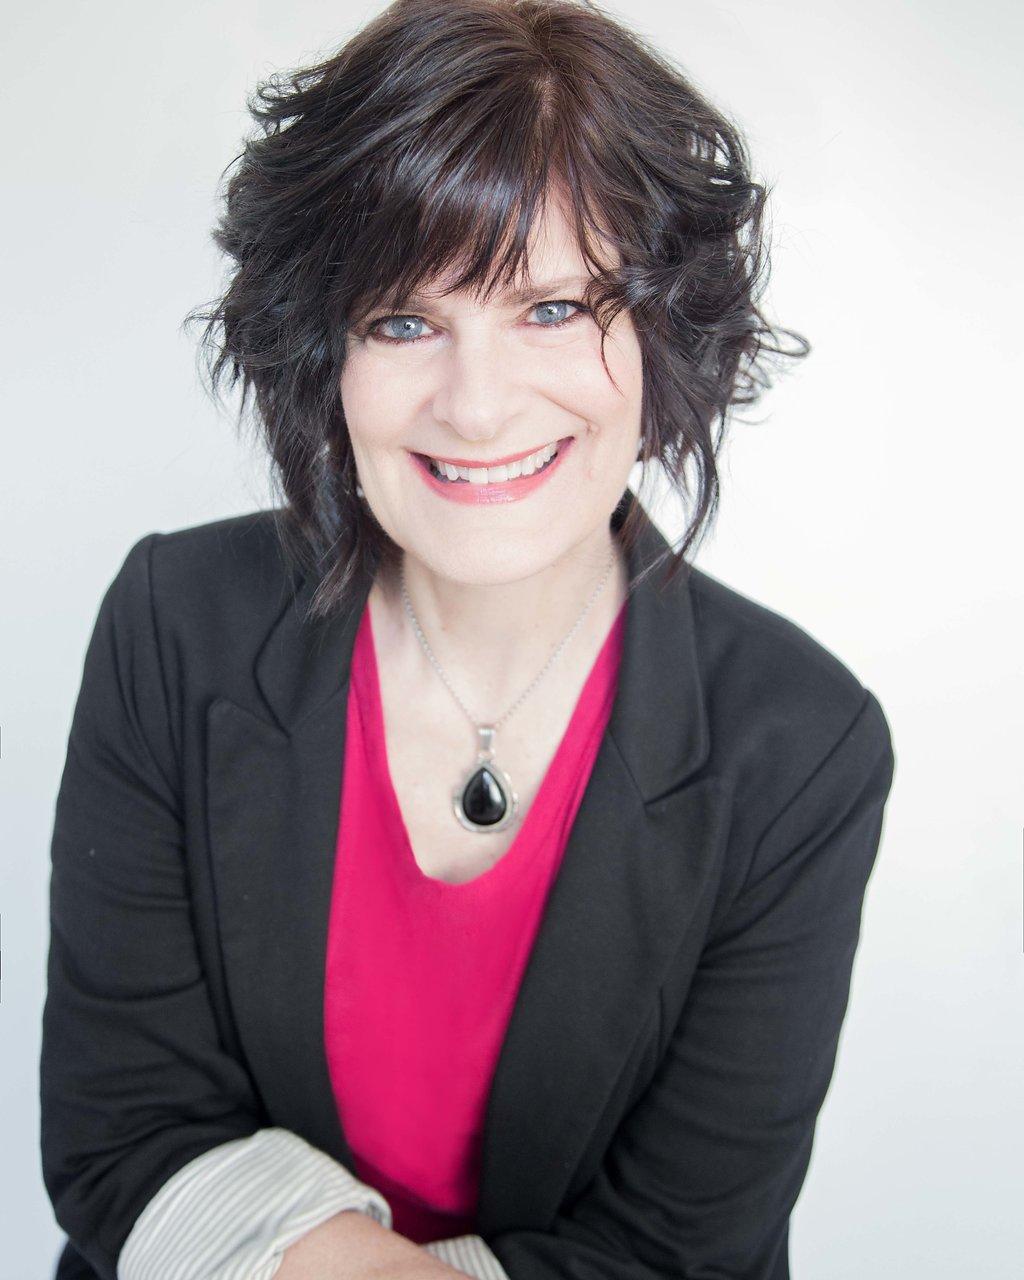 Stacy Dymalski a.k.a The Memoir Midwife